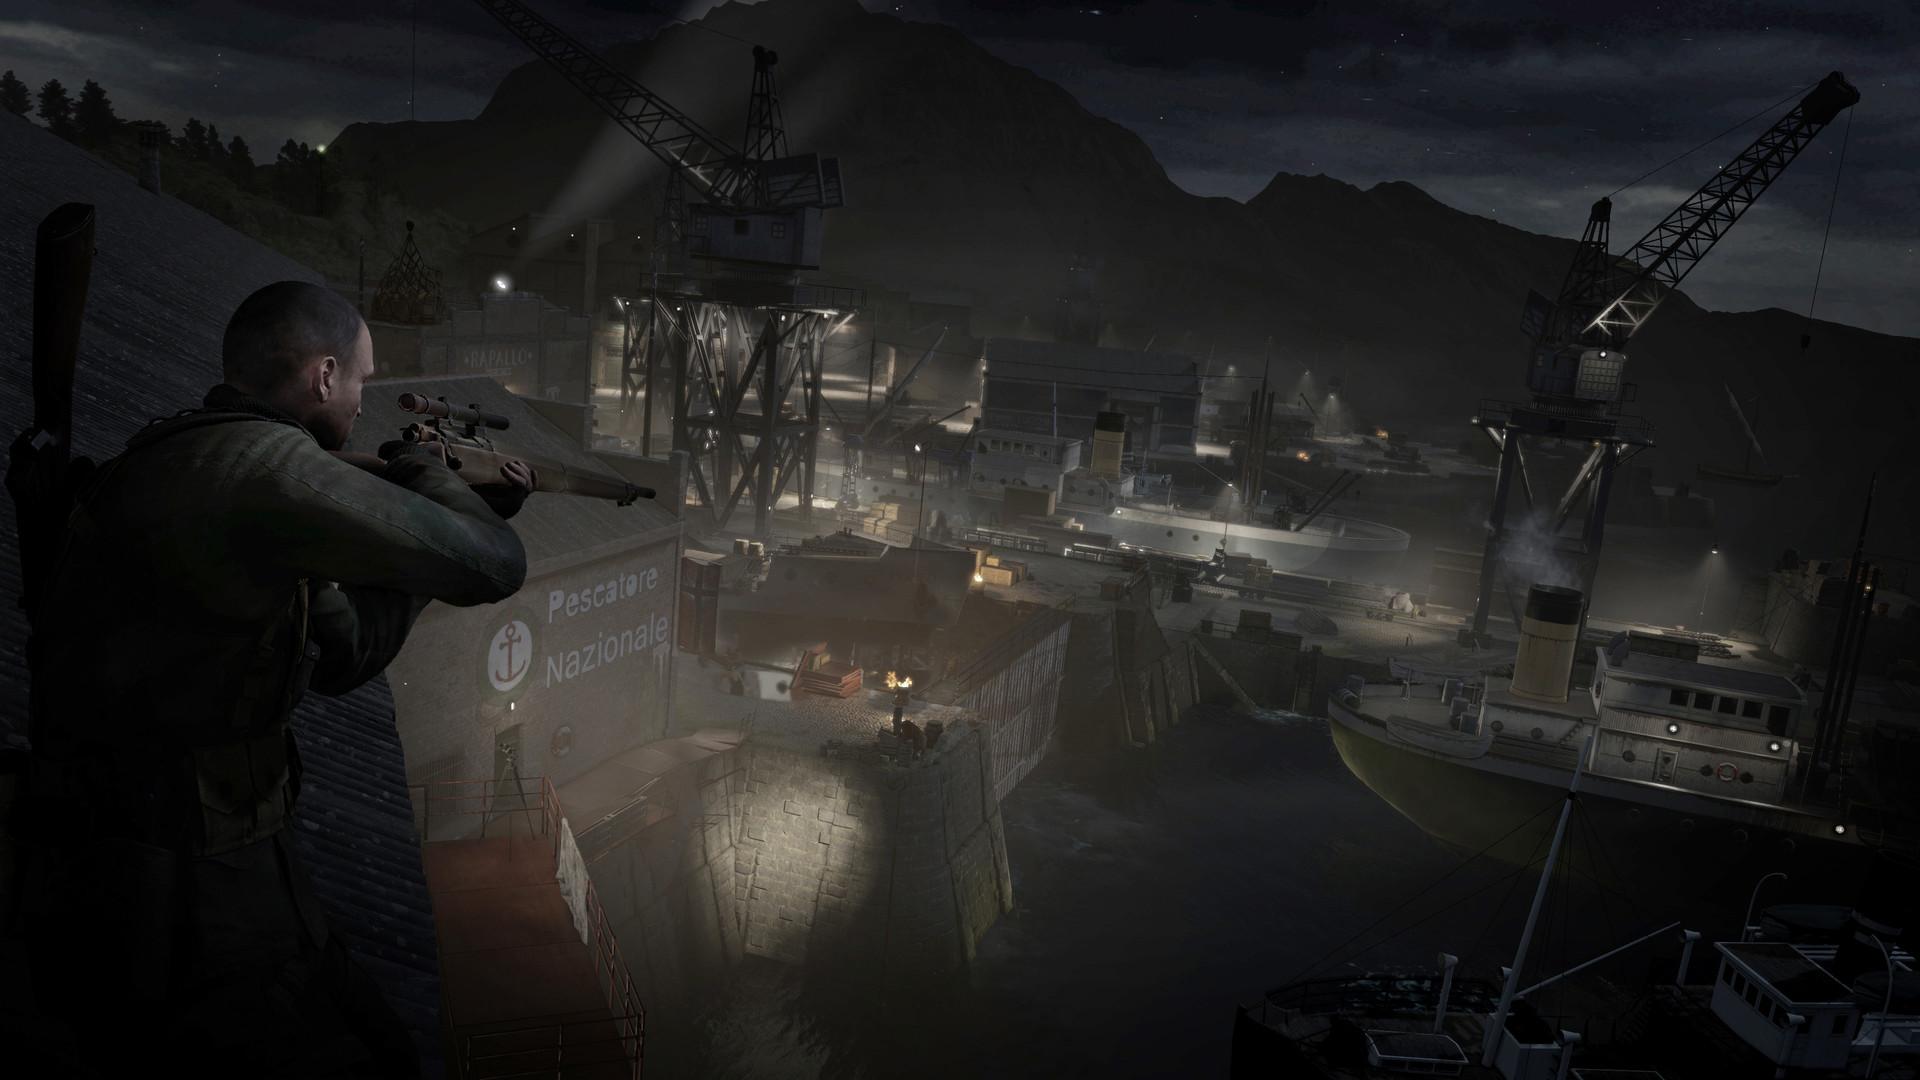 狙击精英4游戏截图欣赏 在意大利小镇中潜